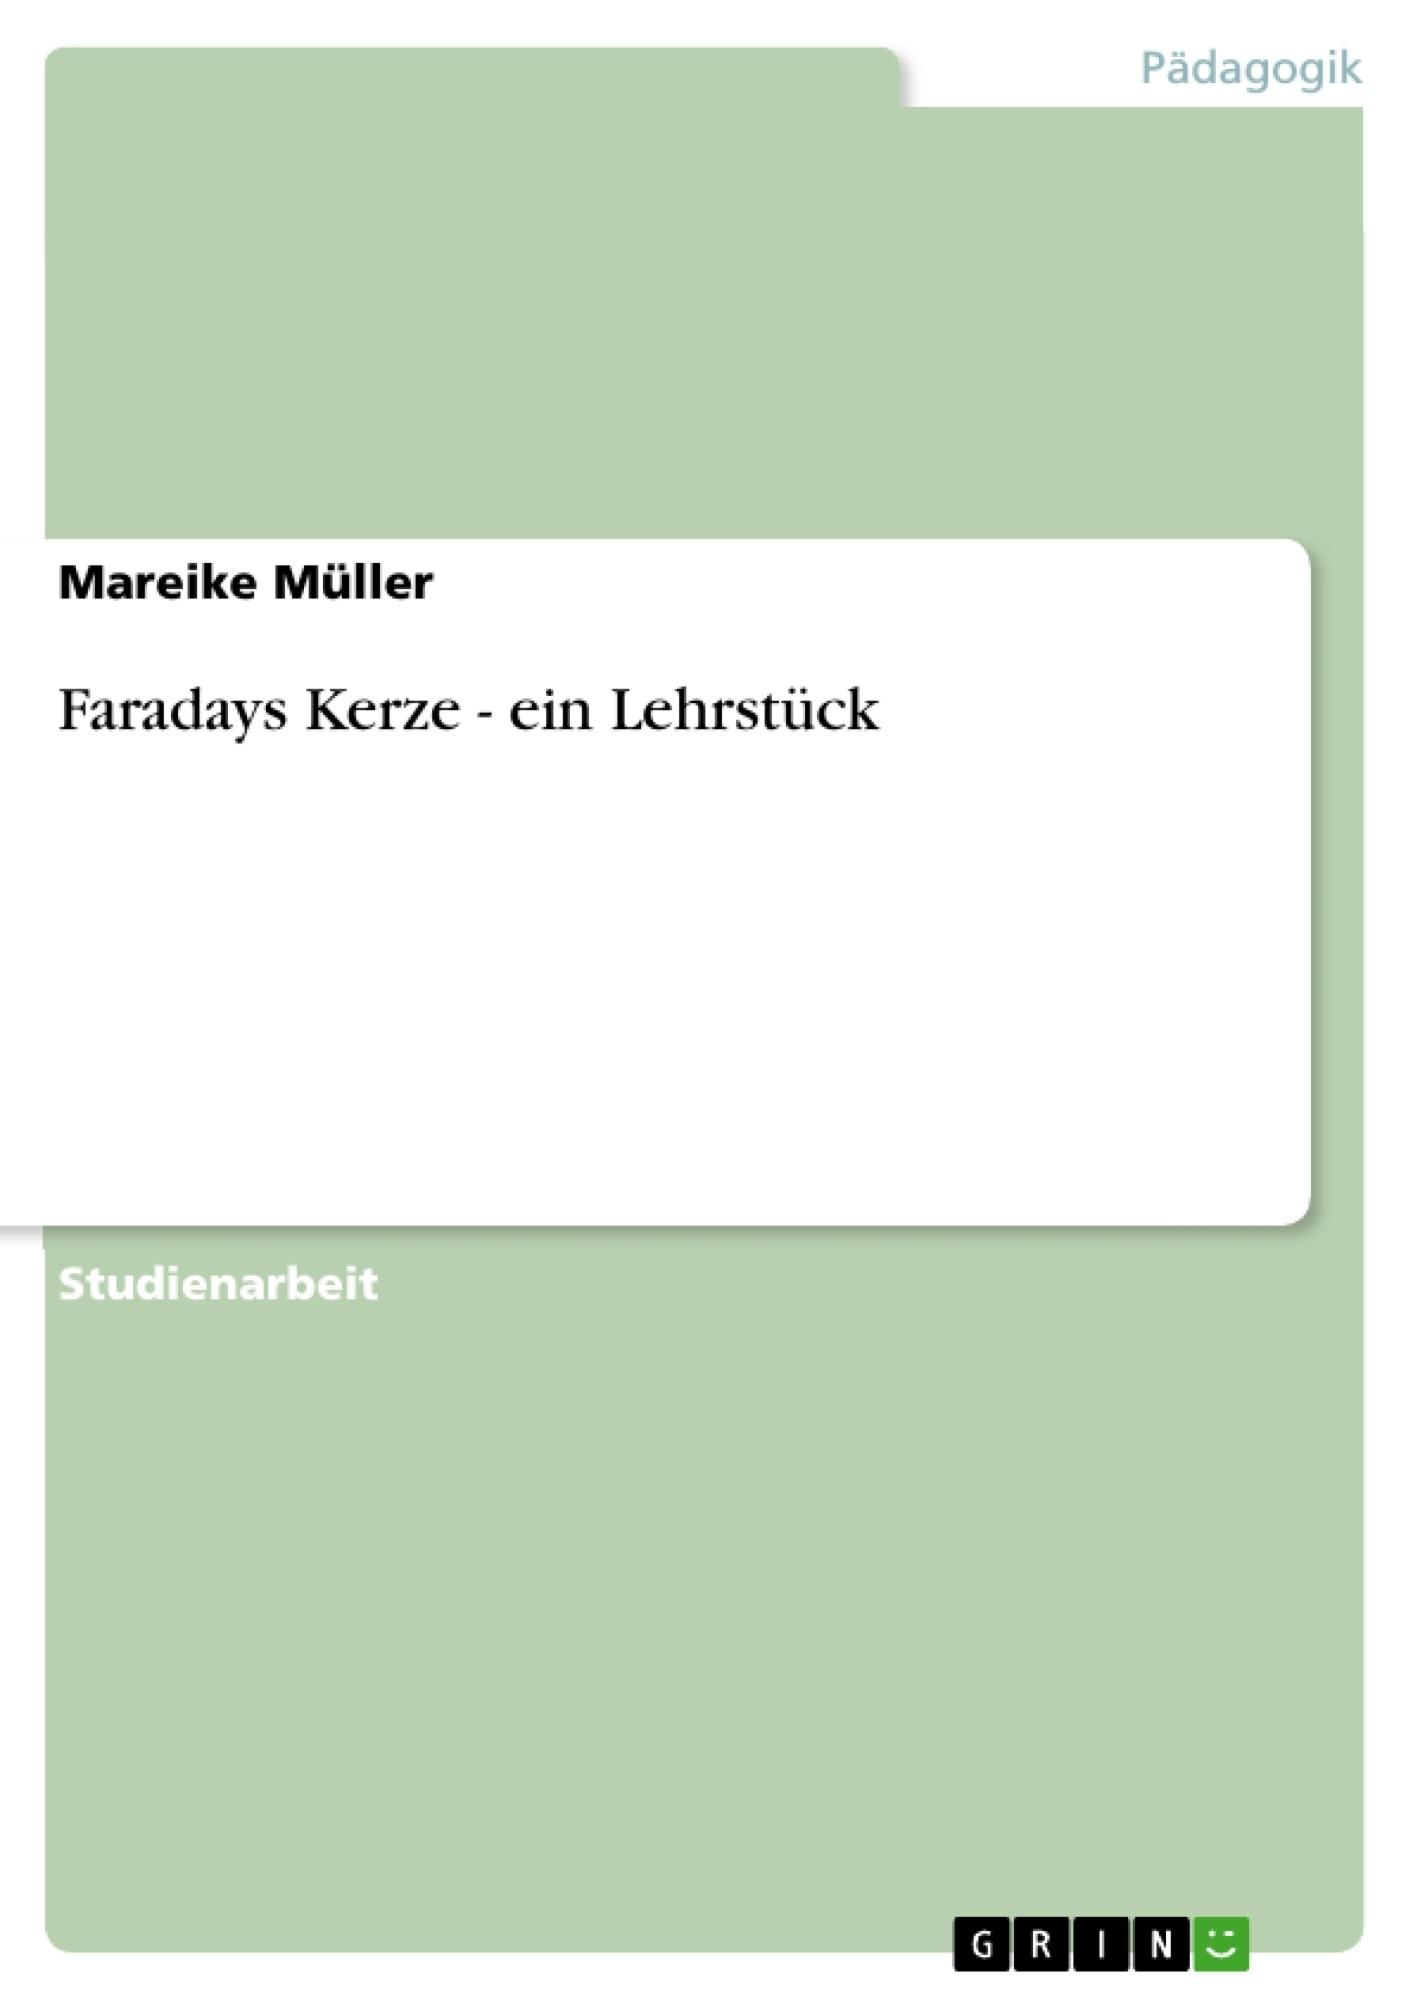 Titel: Faradays Kerze - ein Lehrstück